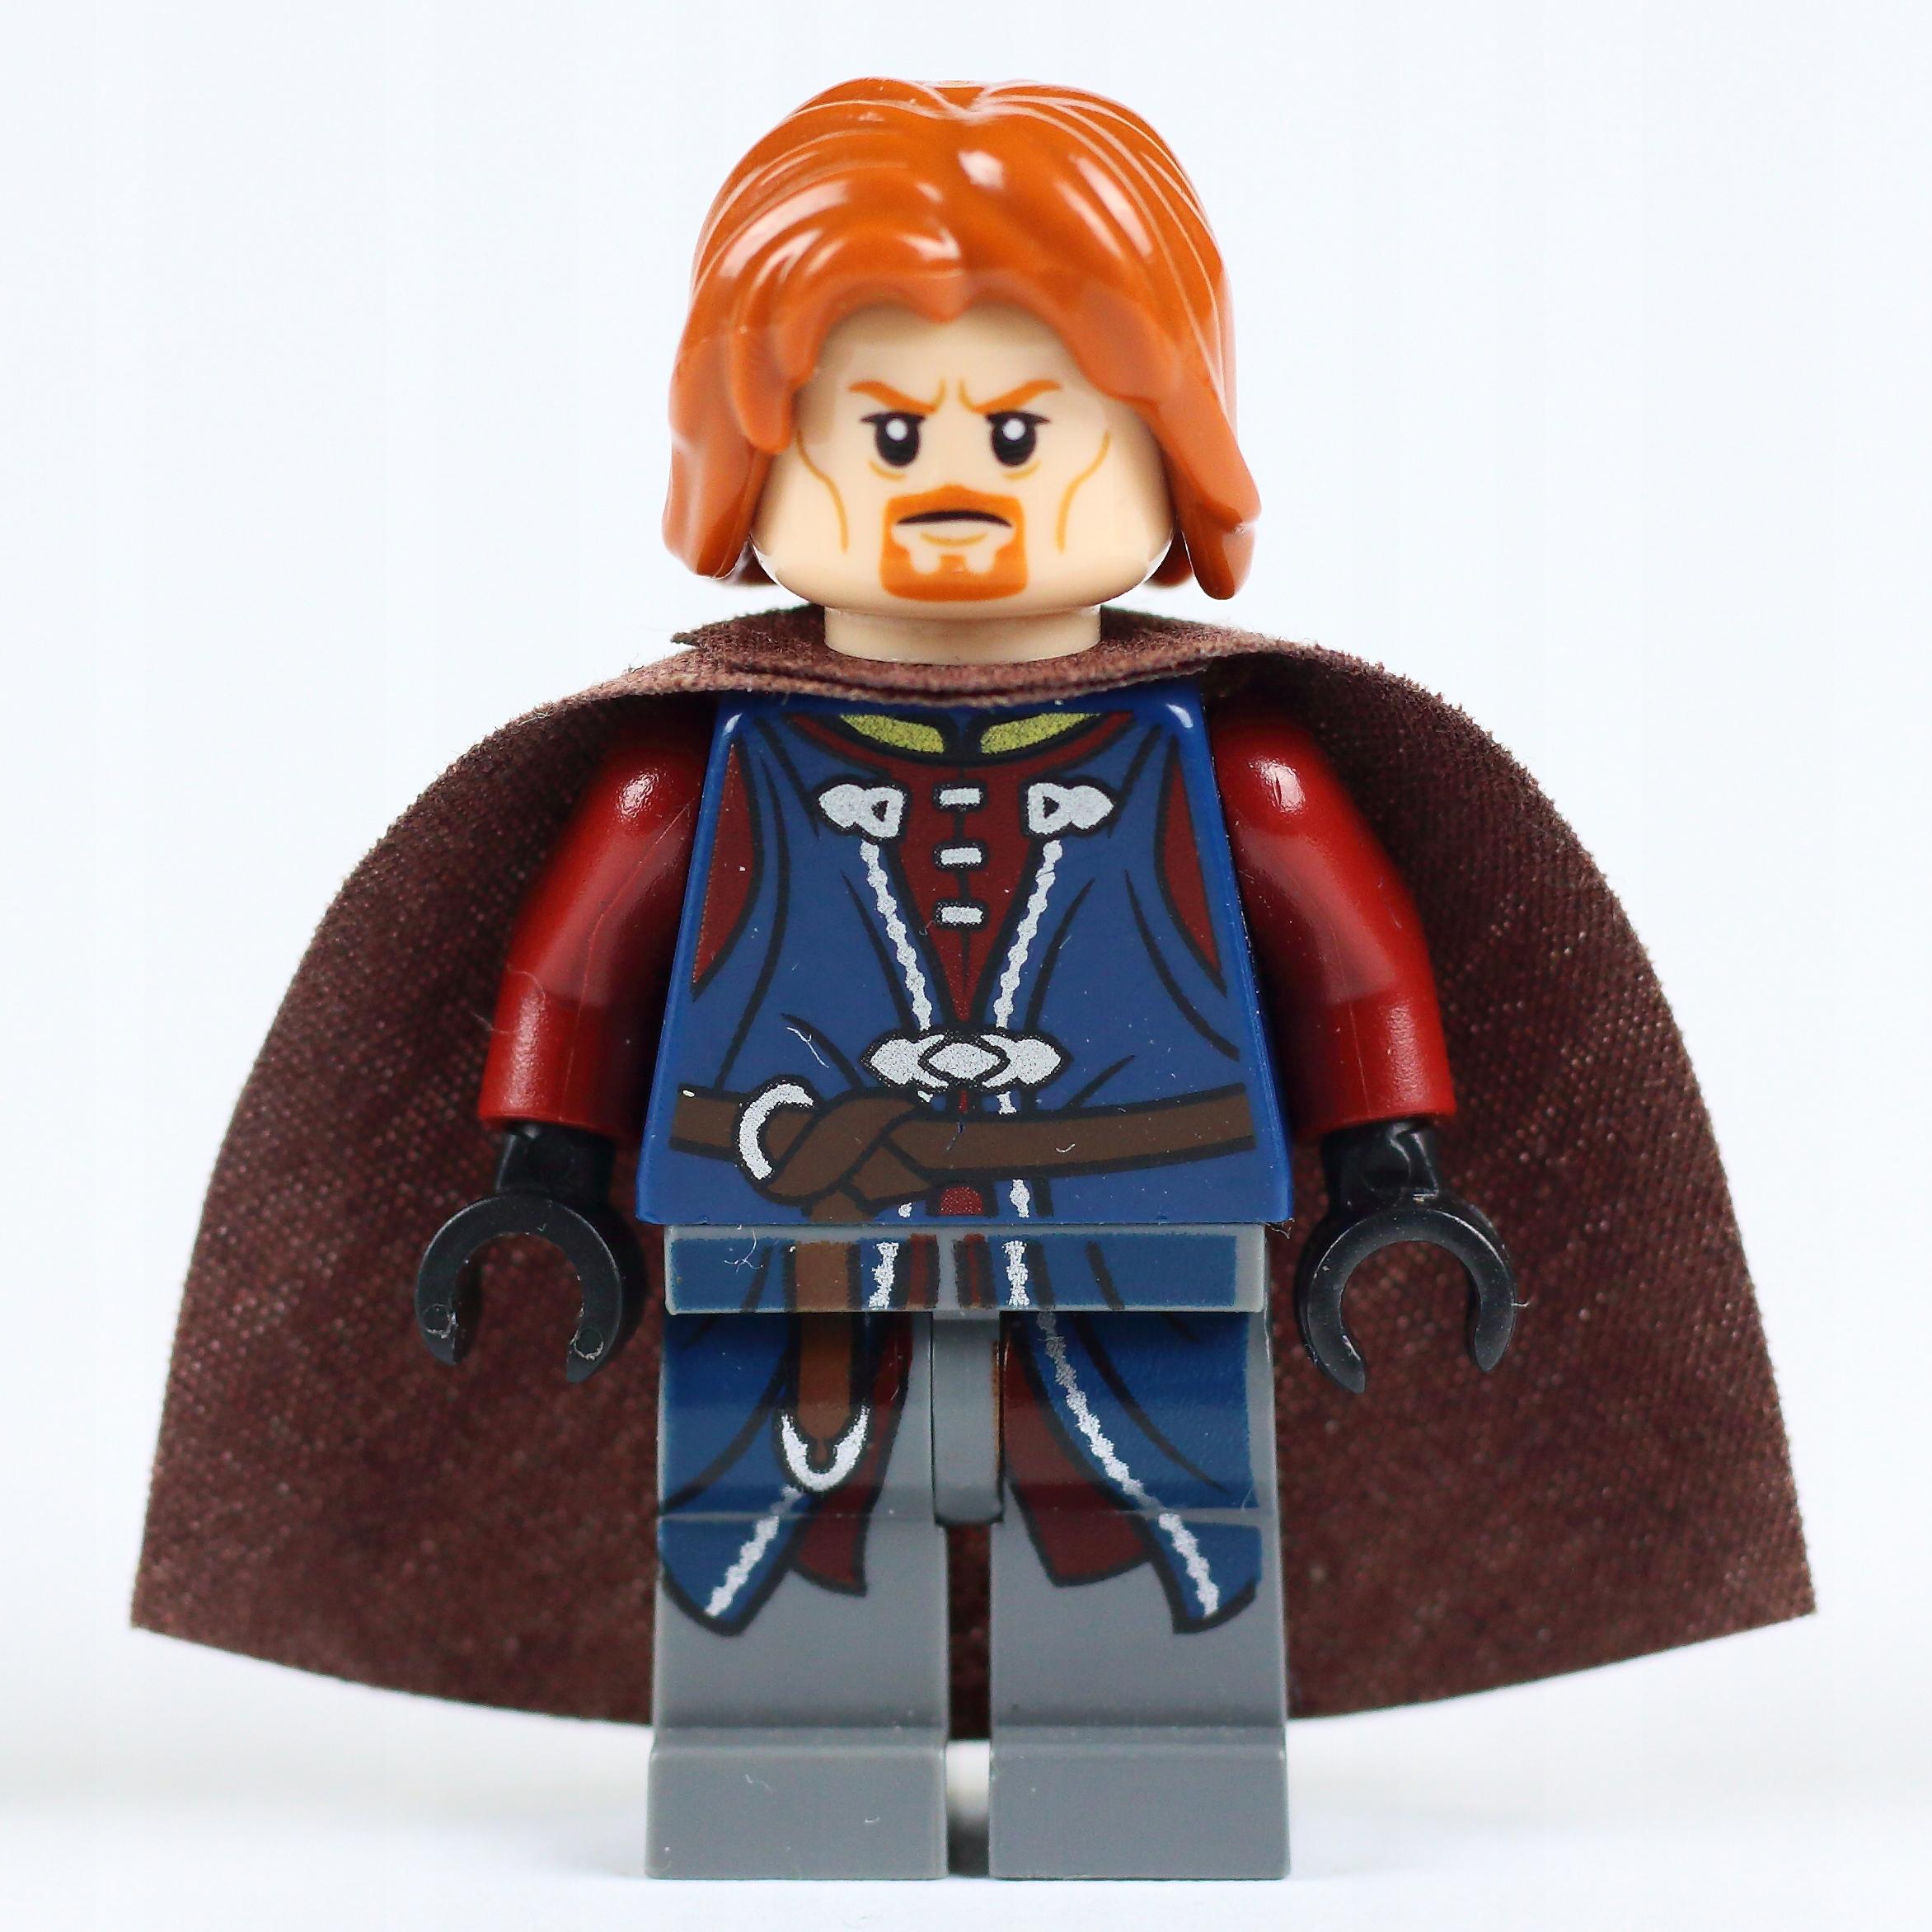 Boromir Figurka Lego Władca Pierścieni Lotr 7614851033 Oficjalne